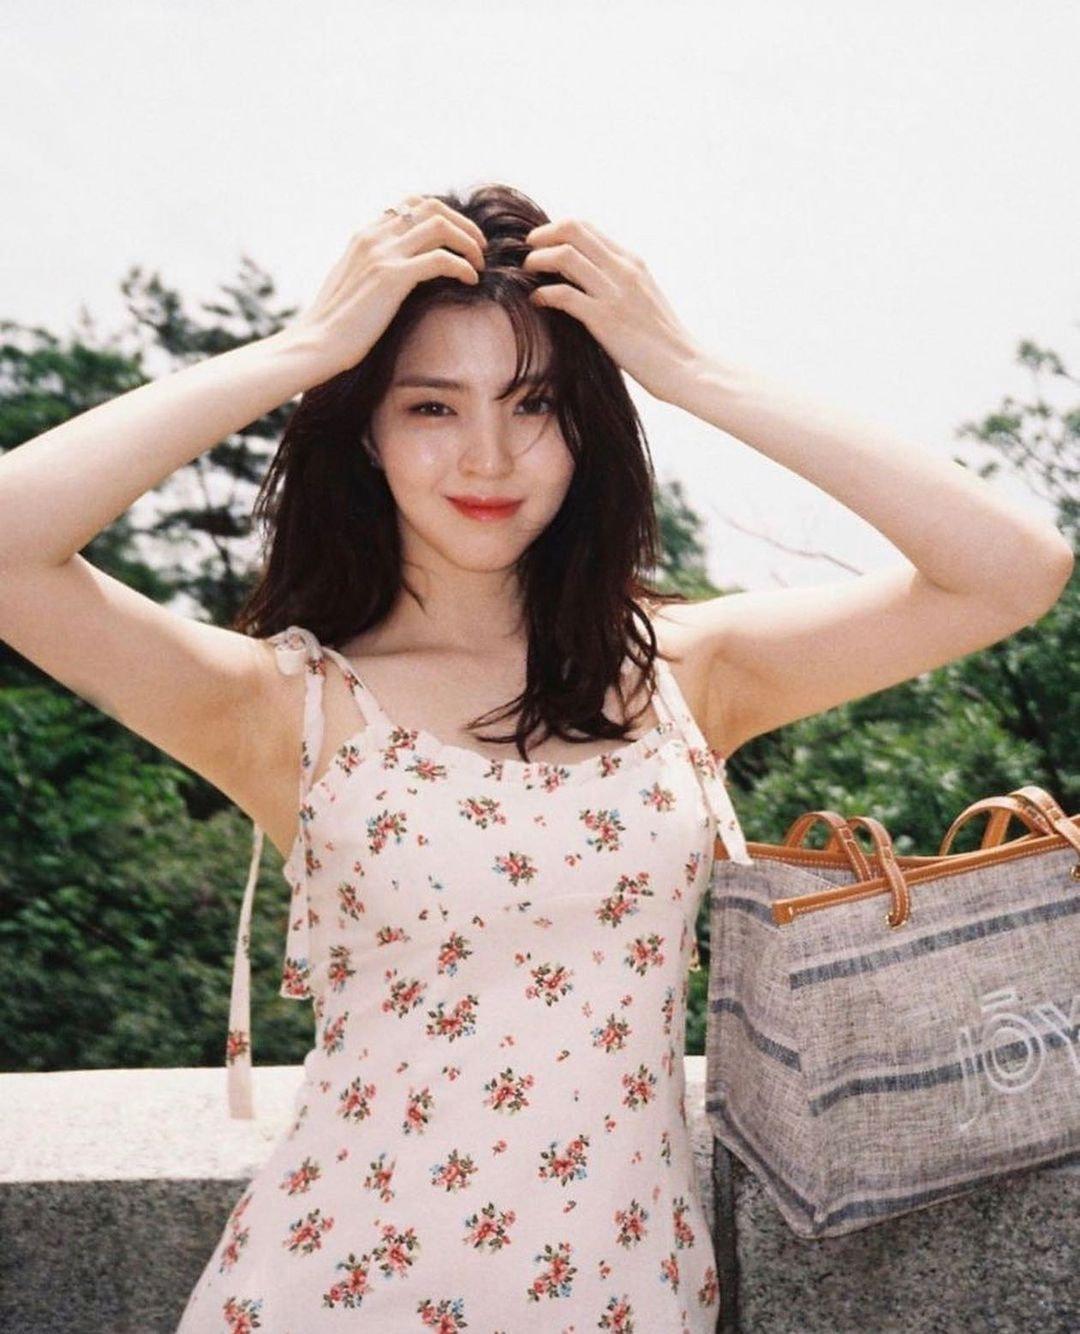 """Han So Hee hay diện đồ Zara giá rẻ, chứng minh khả năng """"sang chảnh hóa đồ bình dân"""" - Ảnh 3."""